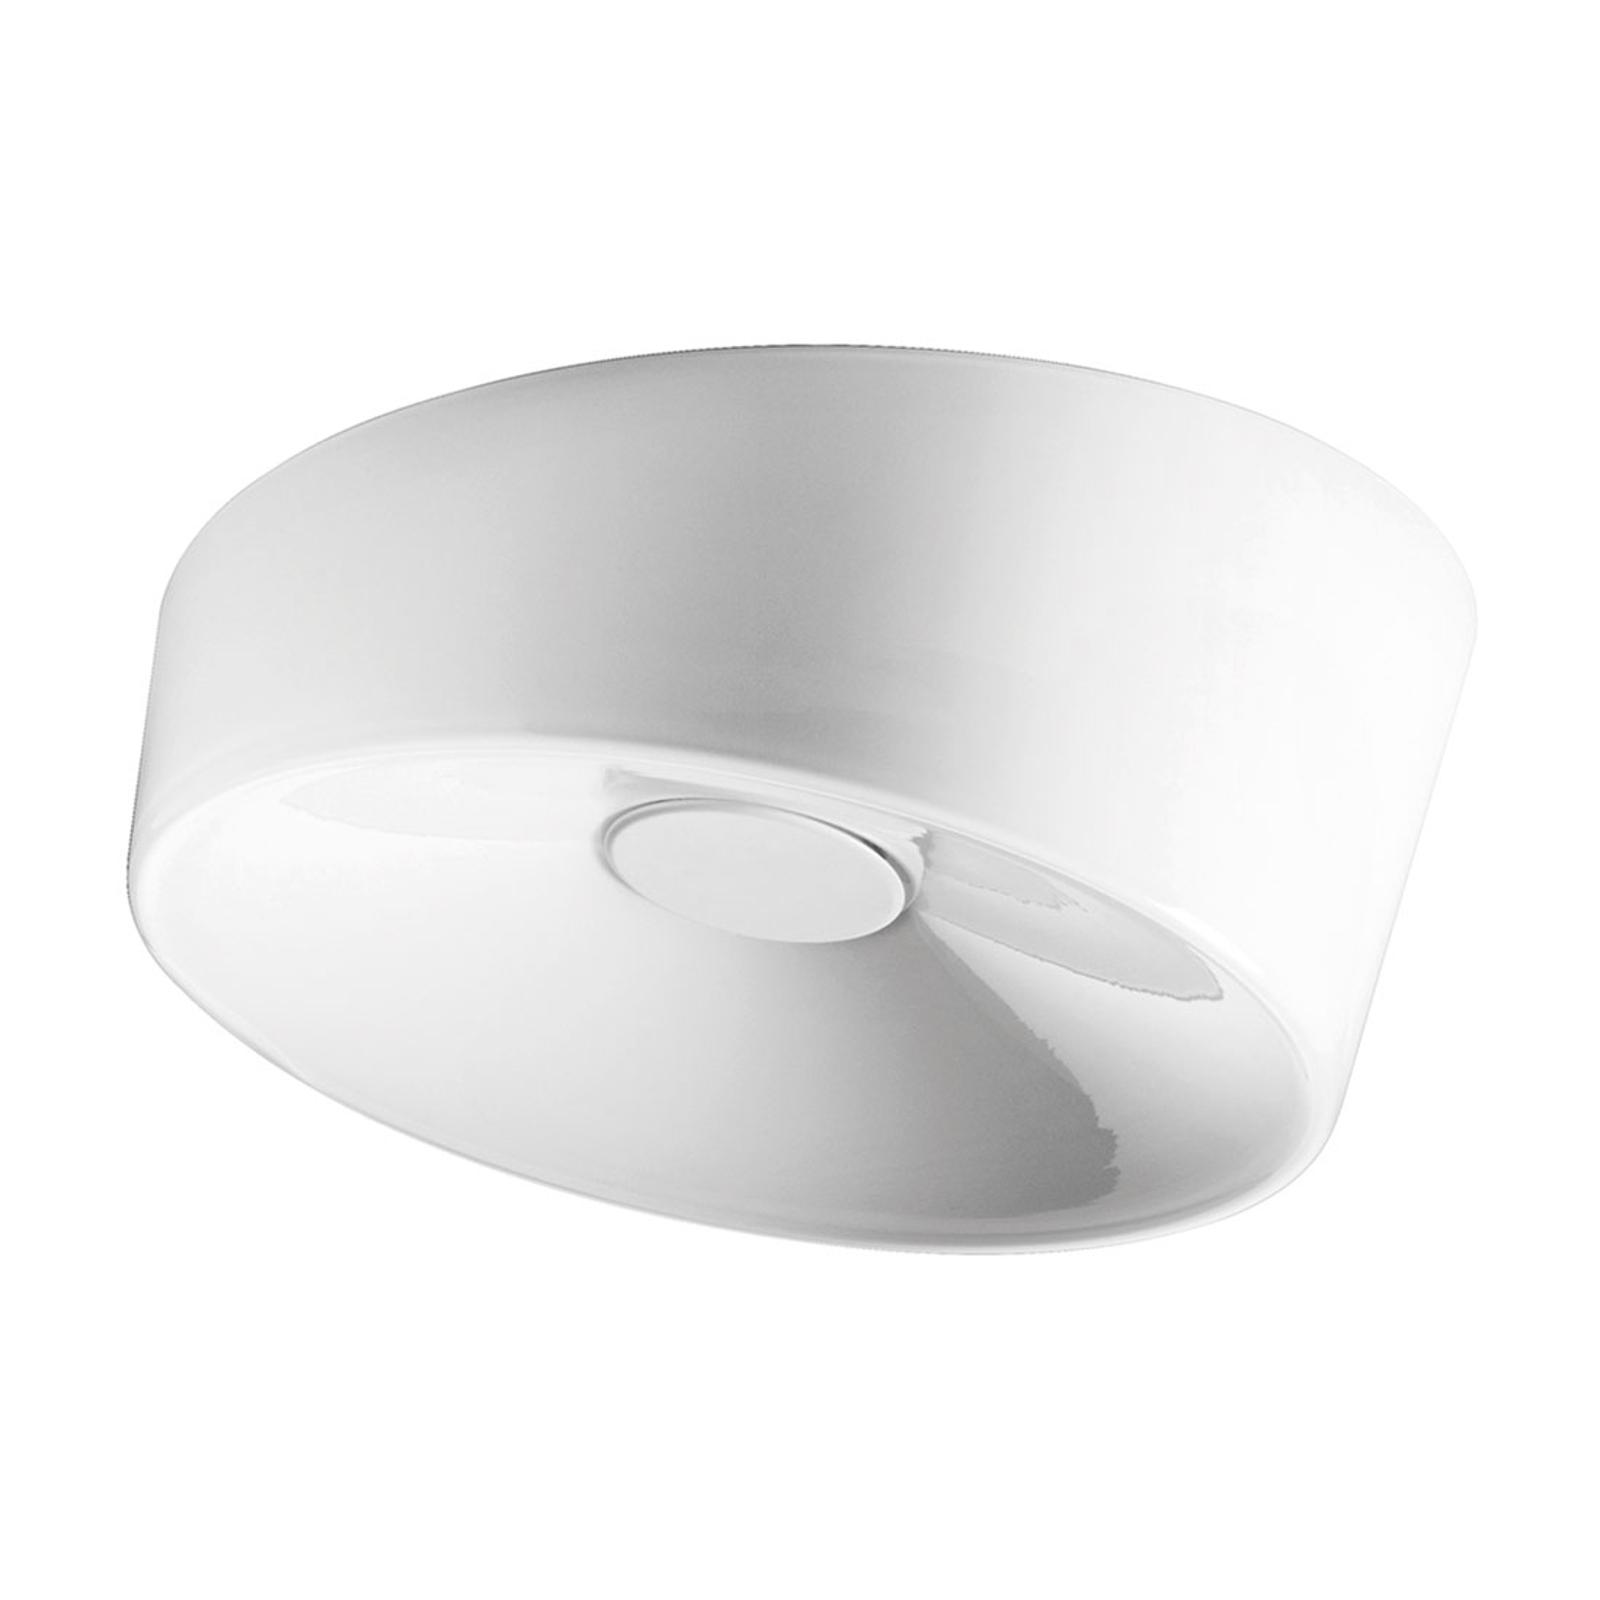 Foscarini Lumiere XXL LED-Deckenleuchte, weiß